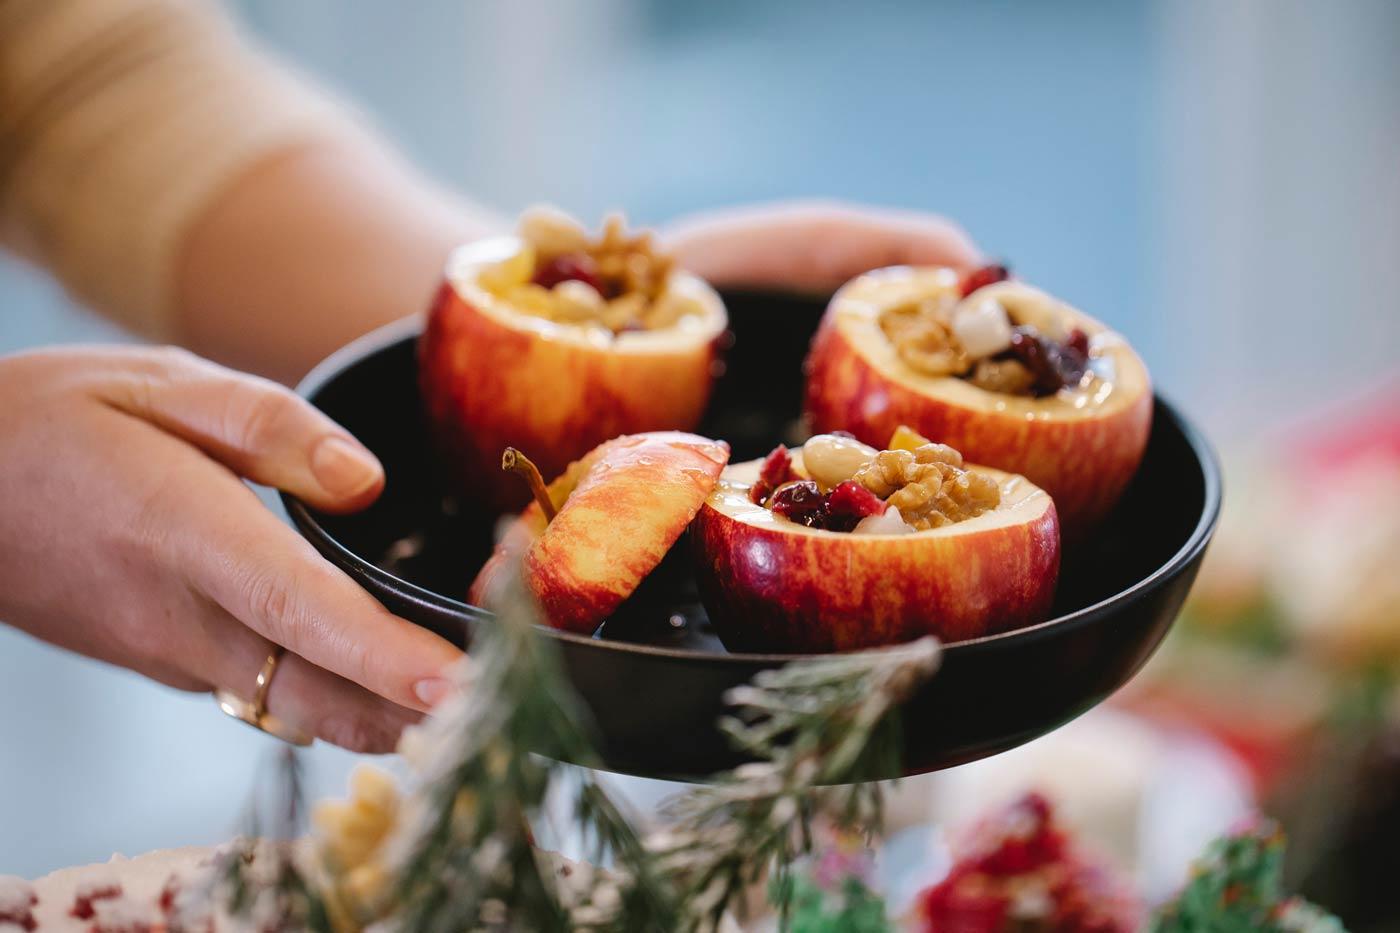 Pieczone jabłka to sprawdzone zdrowe zamienniki niezdrowych przekąsek